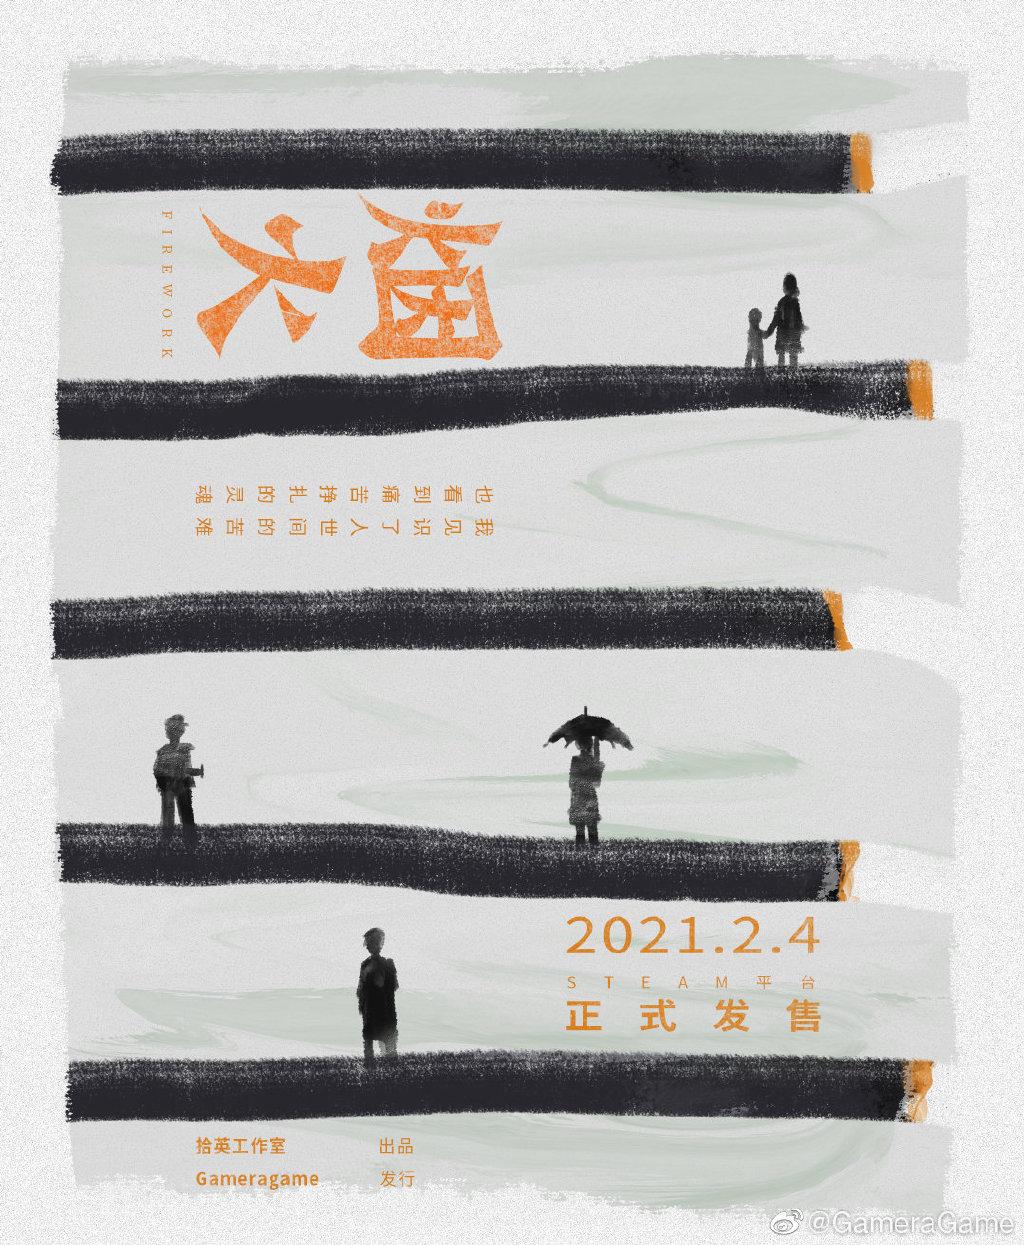 中式悬疑恐怖游戏《烟火》2月4日发售 游戏时长3小时